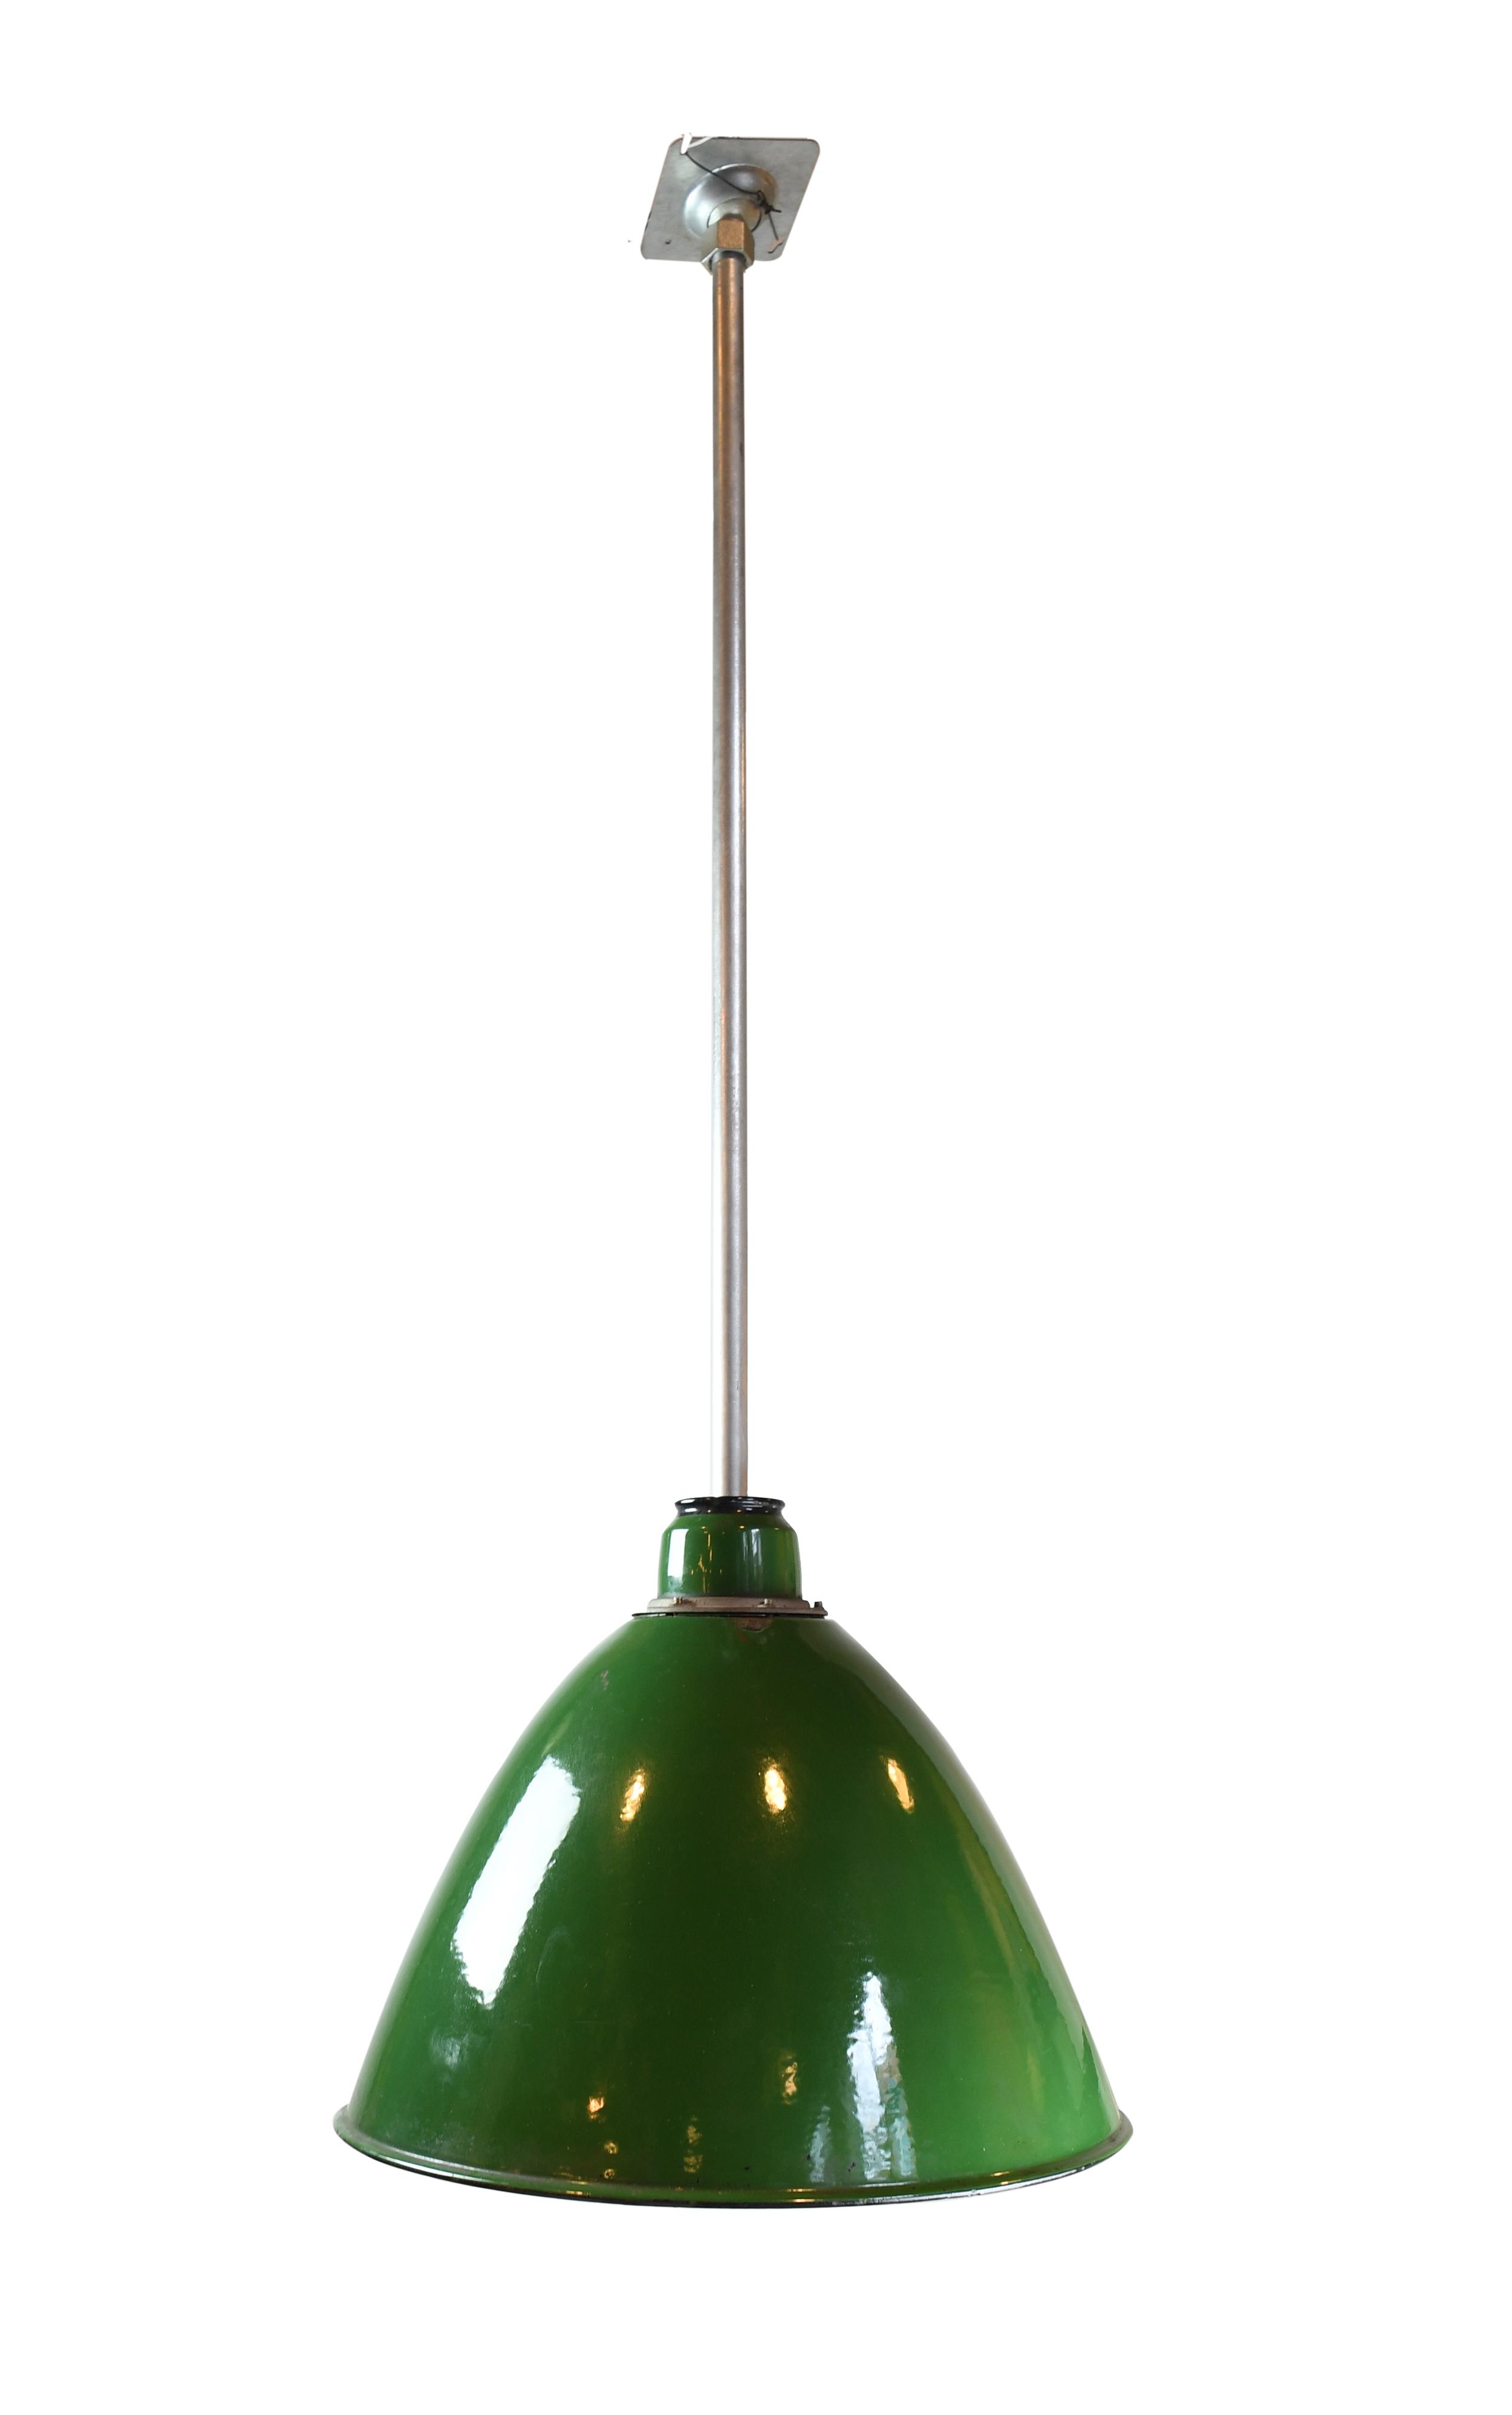 47528-green-enamel-warehouse-light-detail-16.jpg